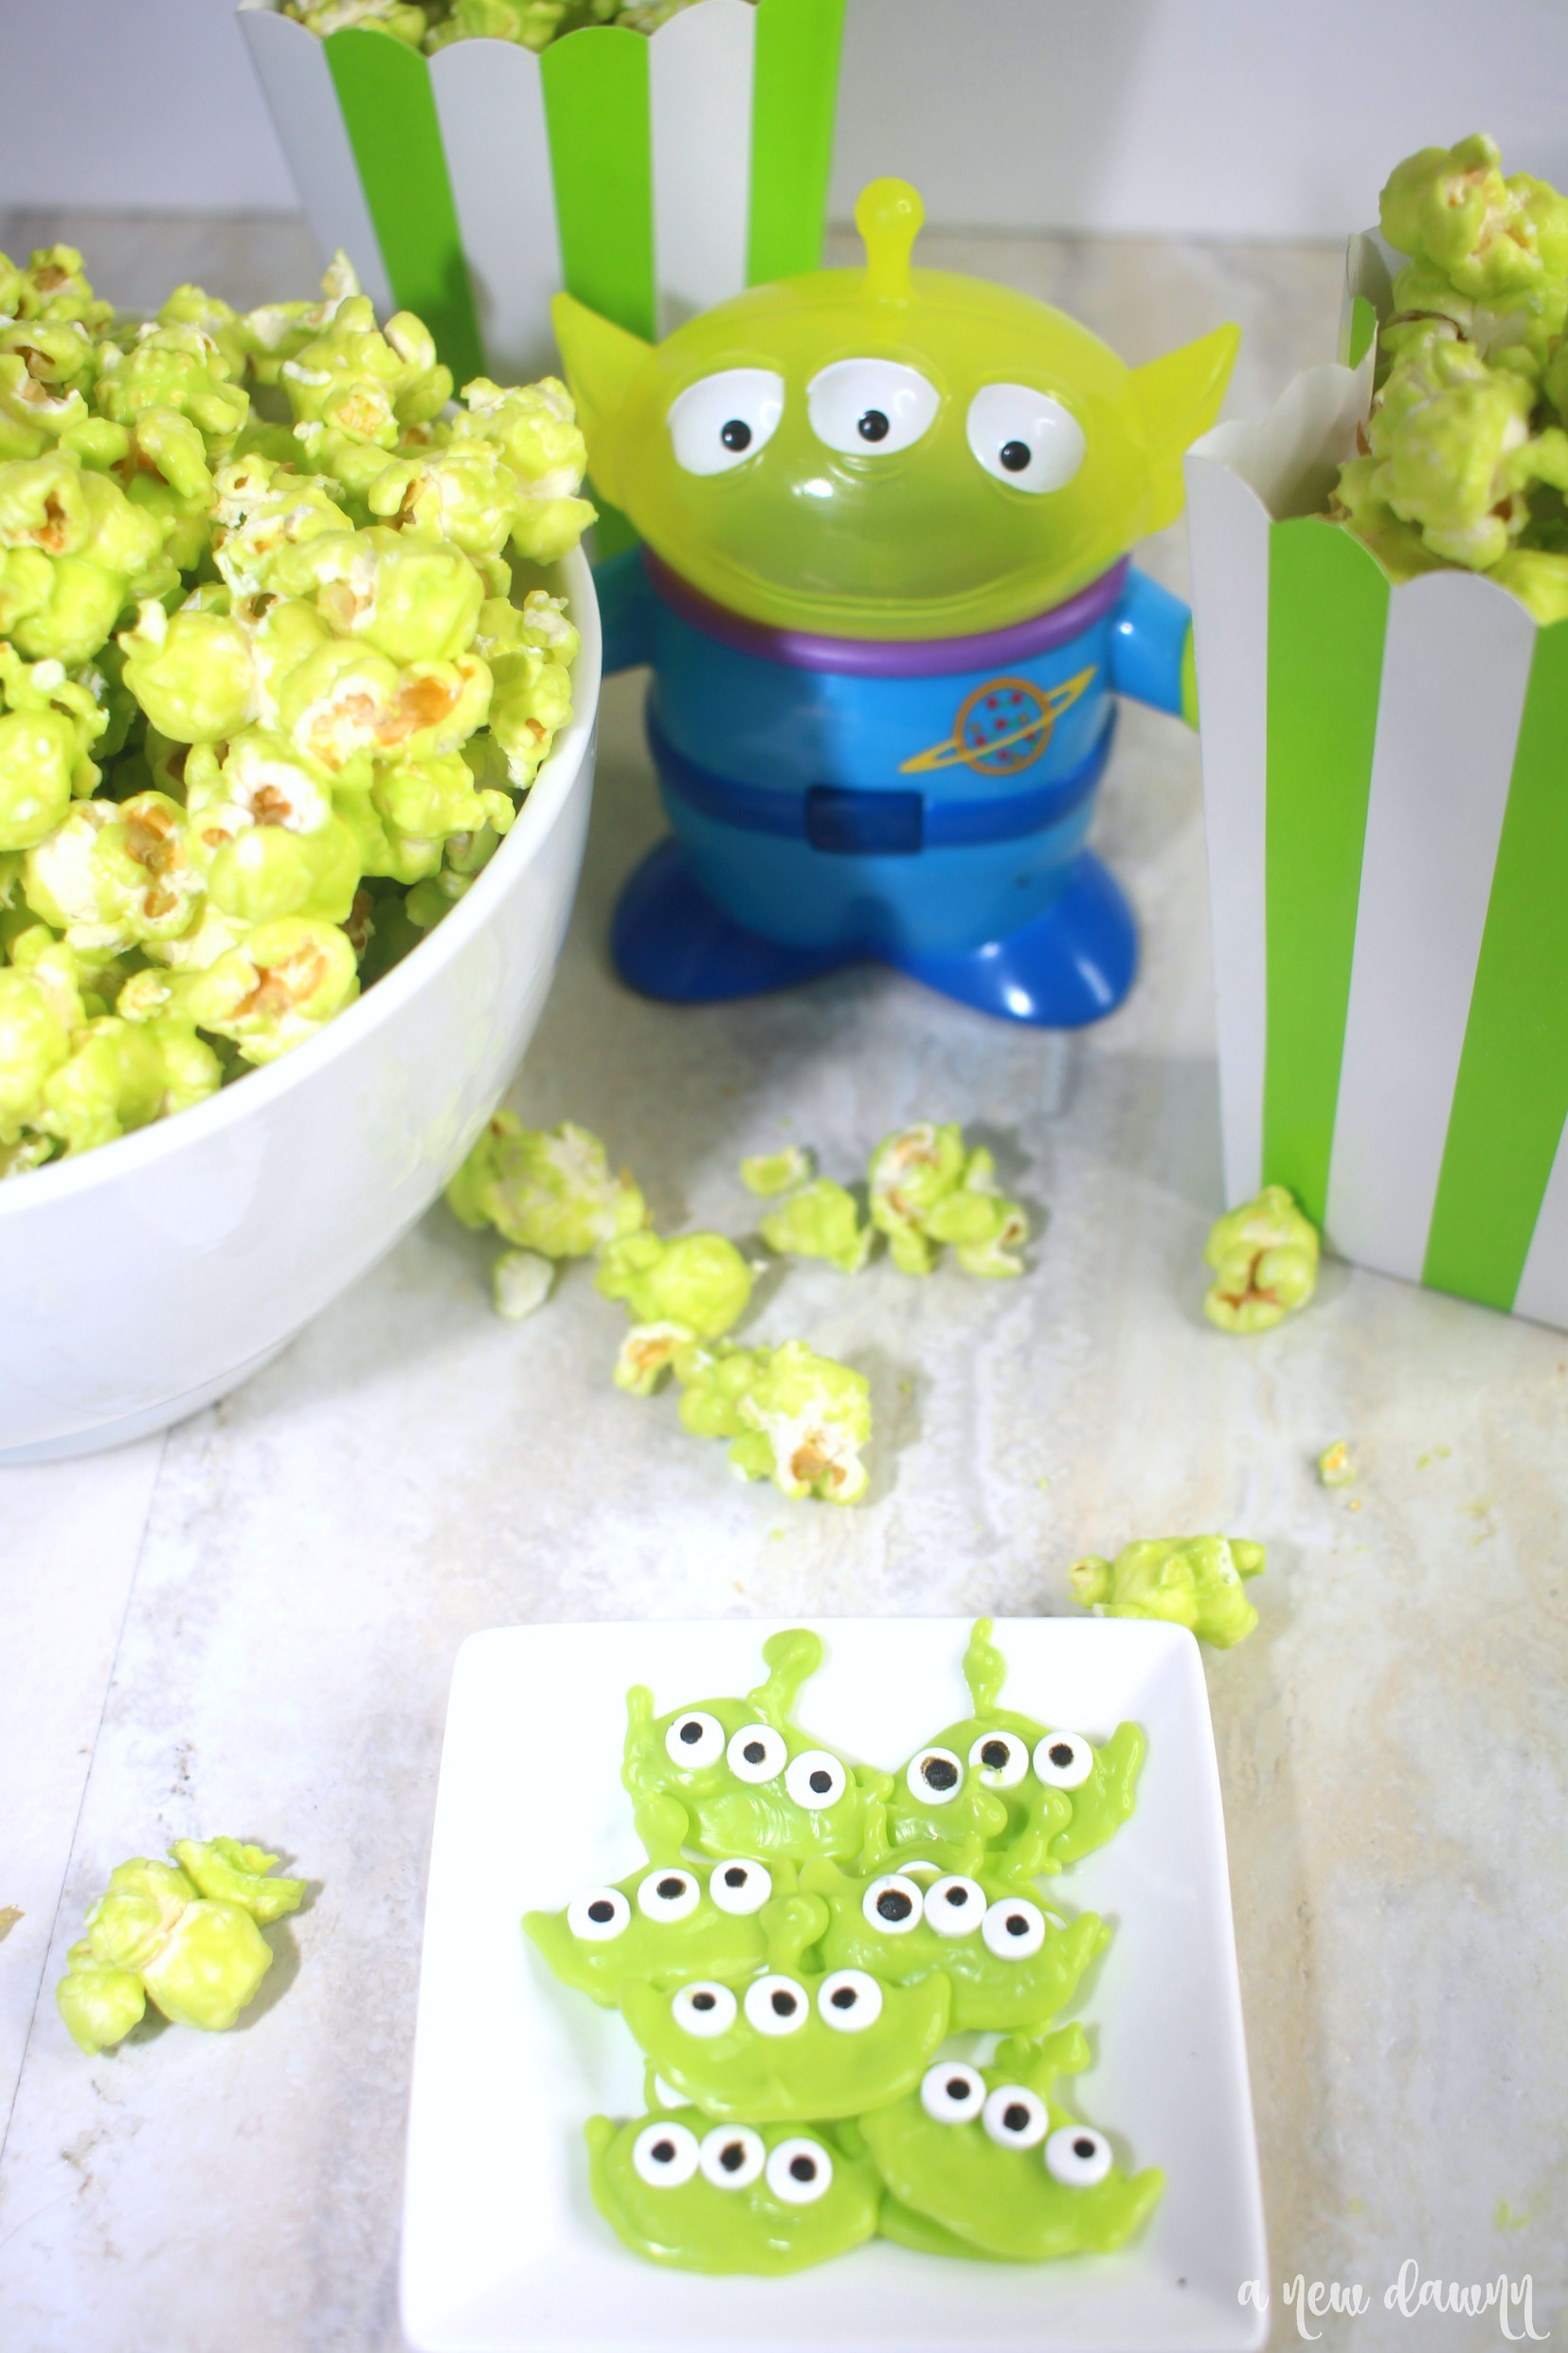 Toy Story Alien popcorn snack